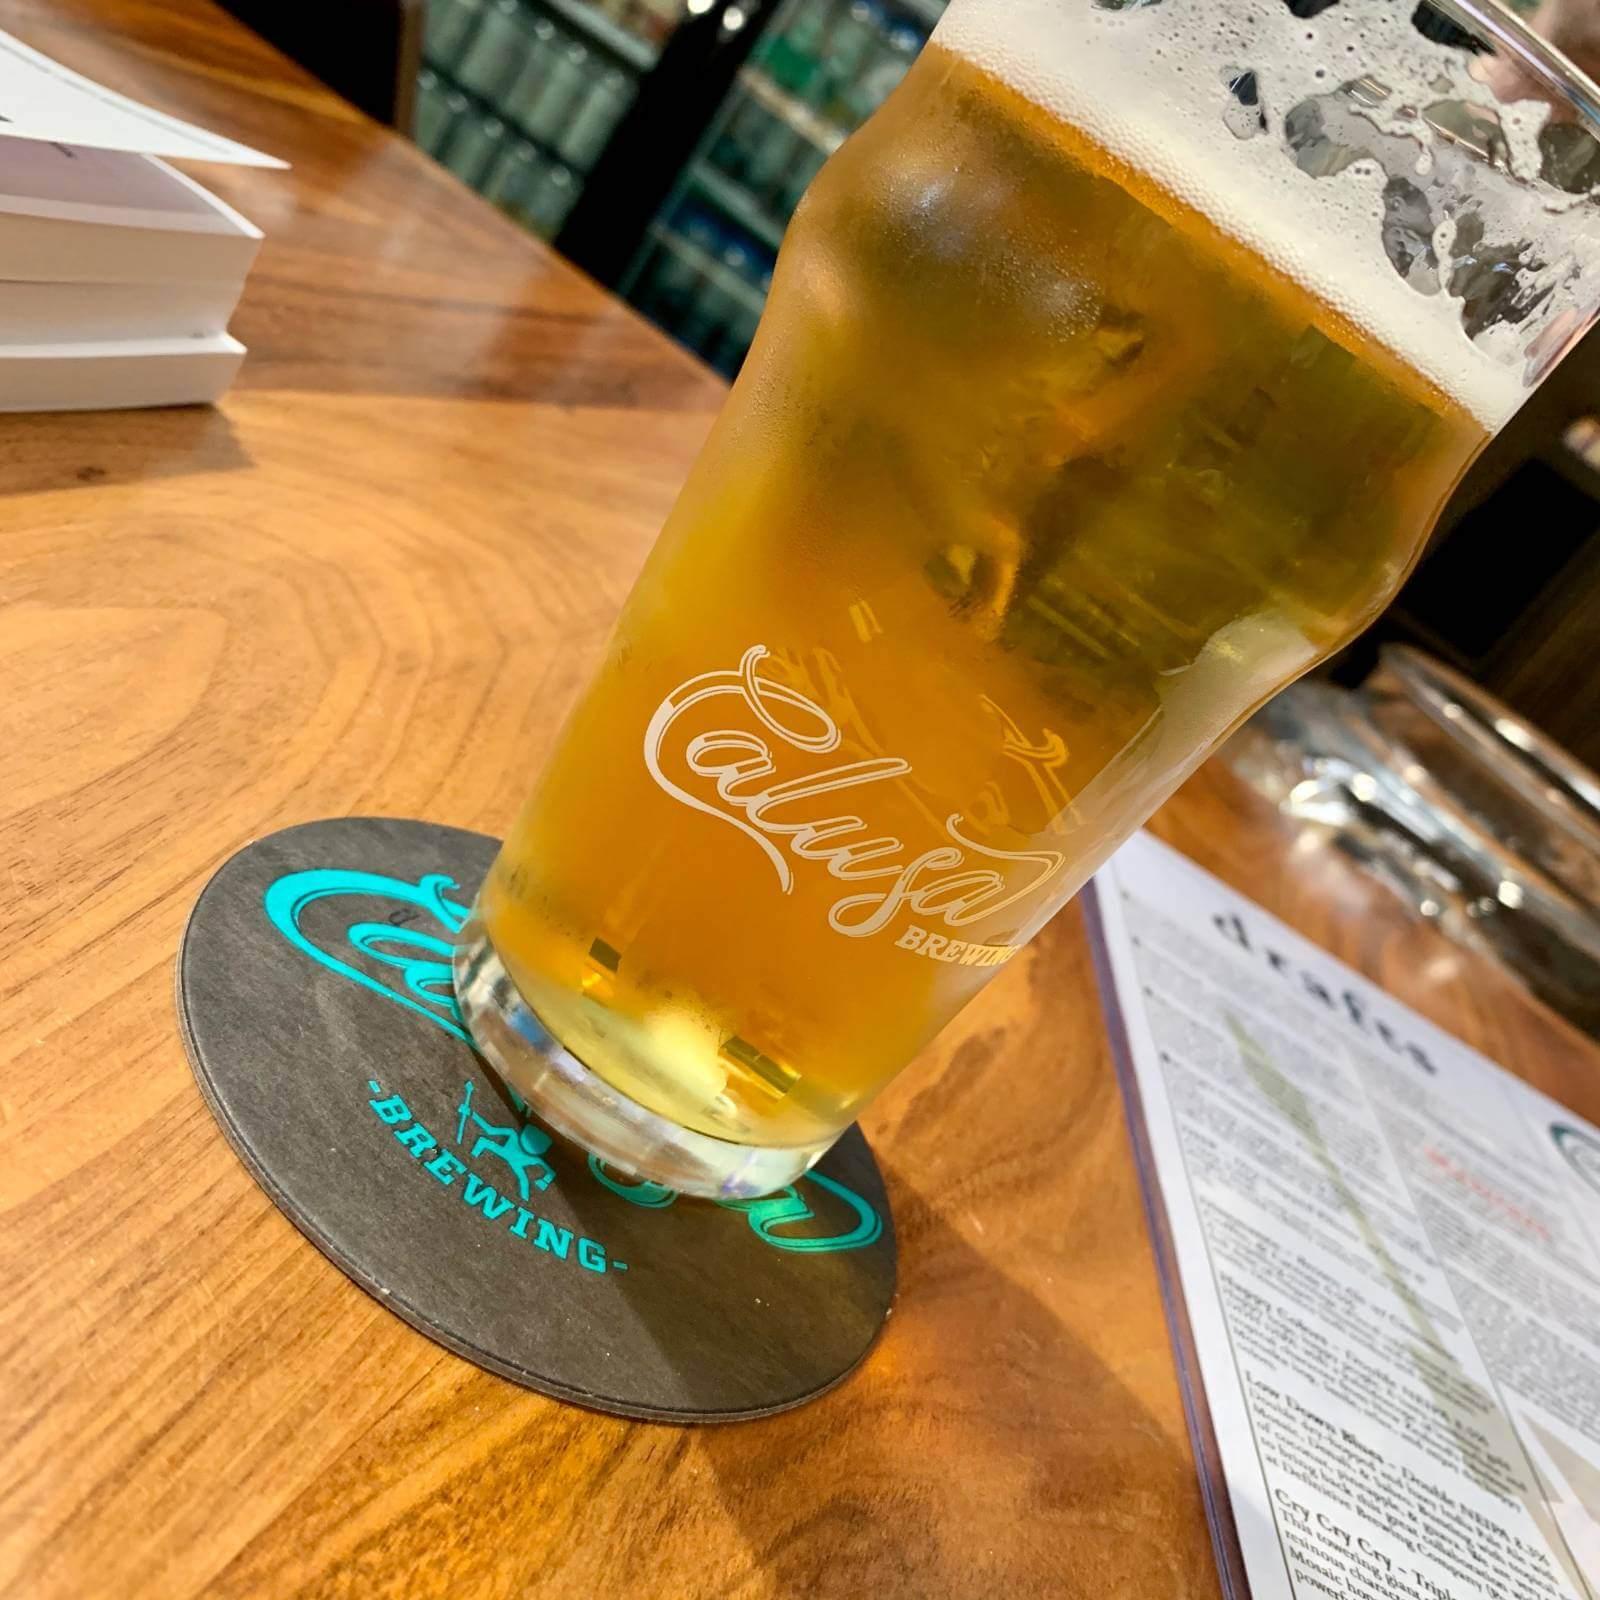 A cold glass of beer at Calusa Brewing in Sarasota, Florida. Photo credit dineSarasota/Larry Hoffman.